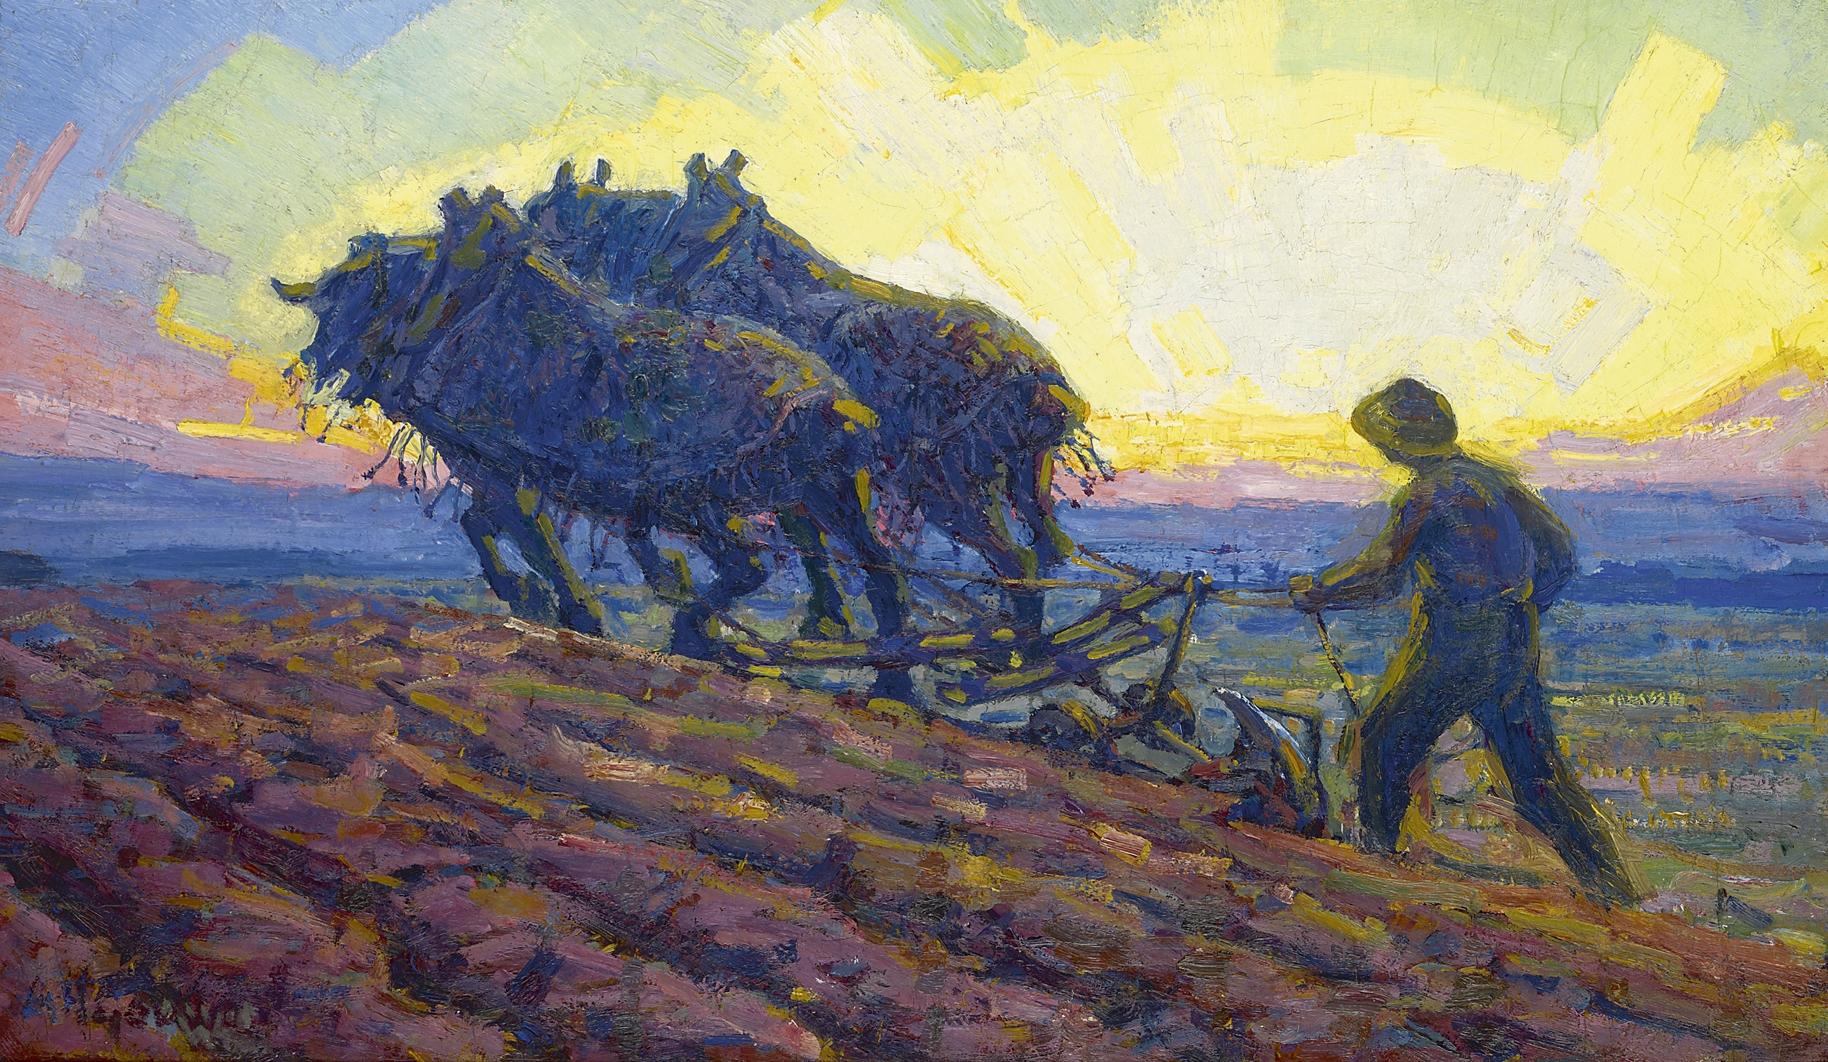 Gouwe A.H. - Ploegende paarden bij zonsopkomst, olieverf op doek 48,8 x 82 cm, gesigneerd l.o. en te dateren ca. 1916-1918